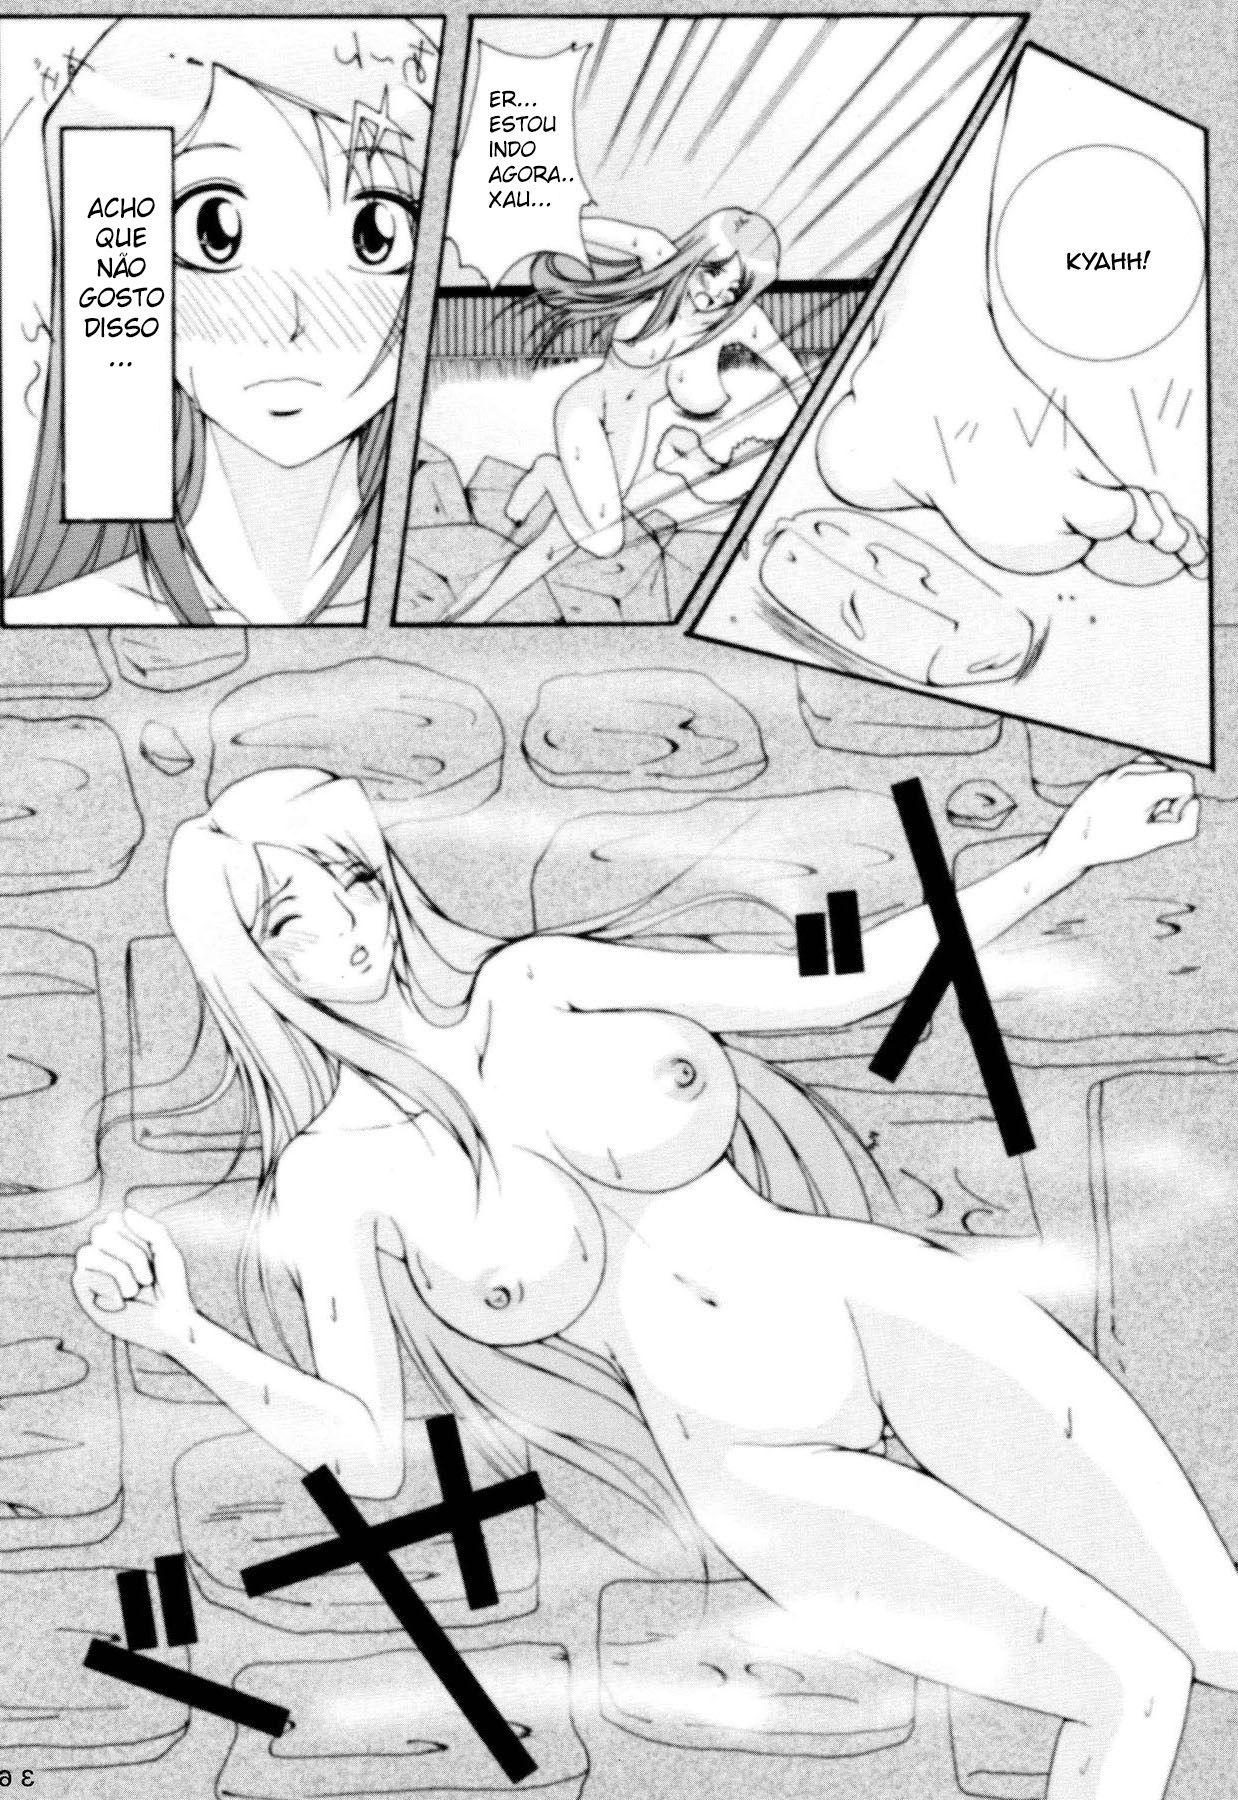 Jinta-garoto-virgem-pervertido-33